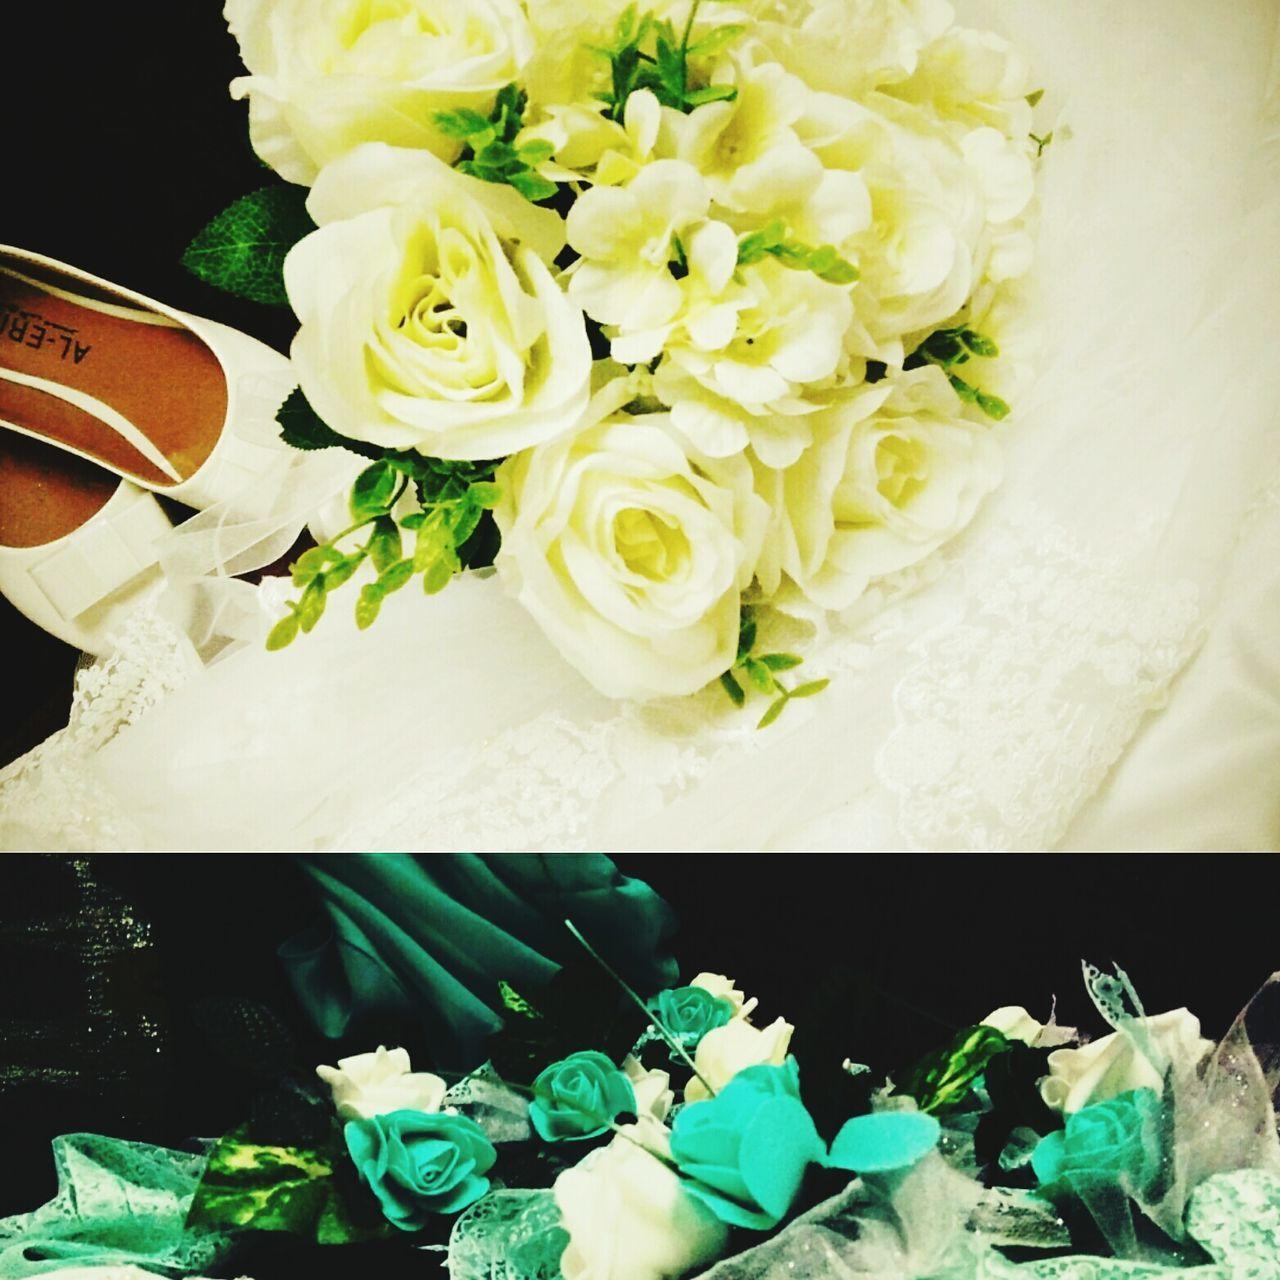 Egyptianwedding Bridedress Bridemaidsflowers Brideshoes Photographyislife First Eyeem Photo